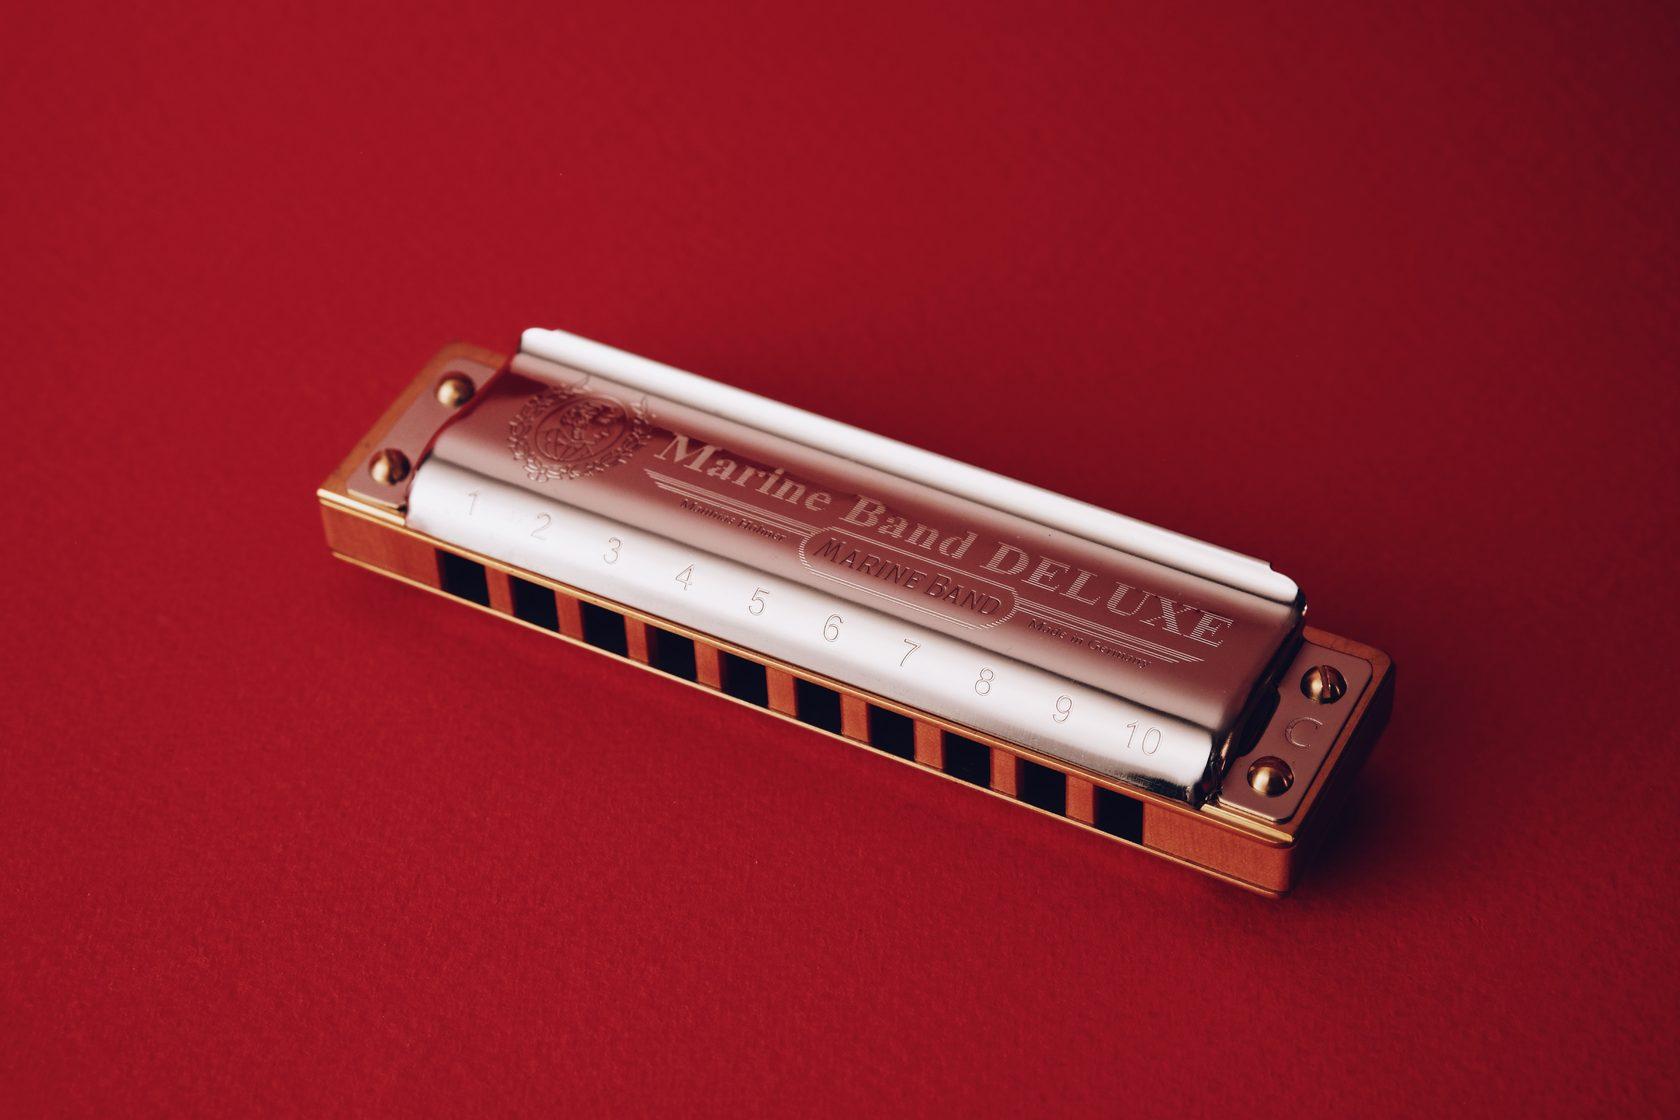 Губная гармоника Hohner Marine Band Deluxe, губная гармошка, диалогическая гармоника, harmonica, harp, купить в магазине Ukelovers